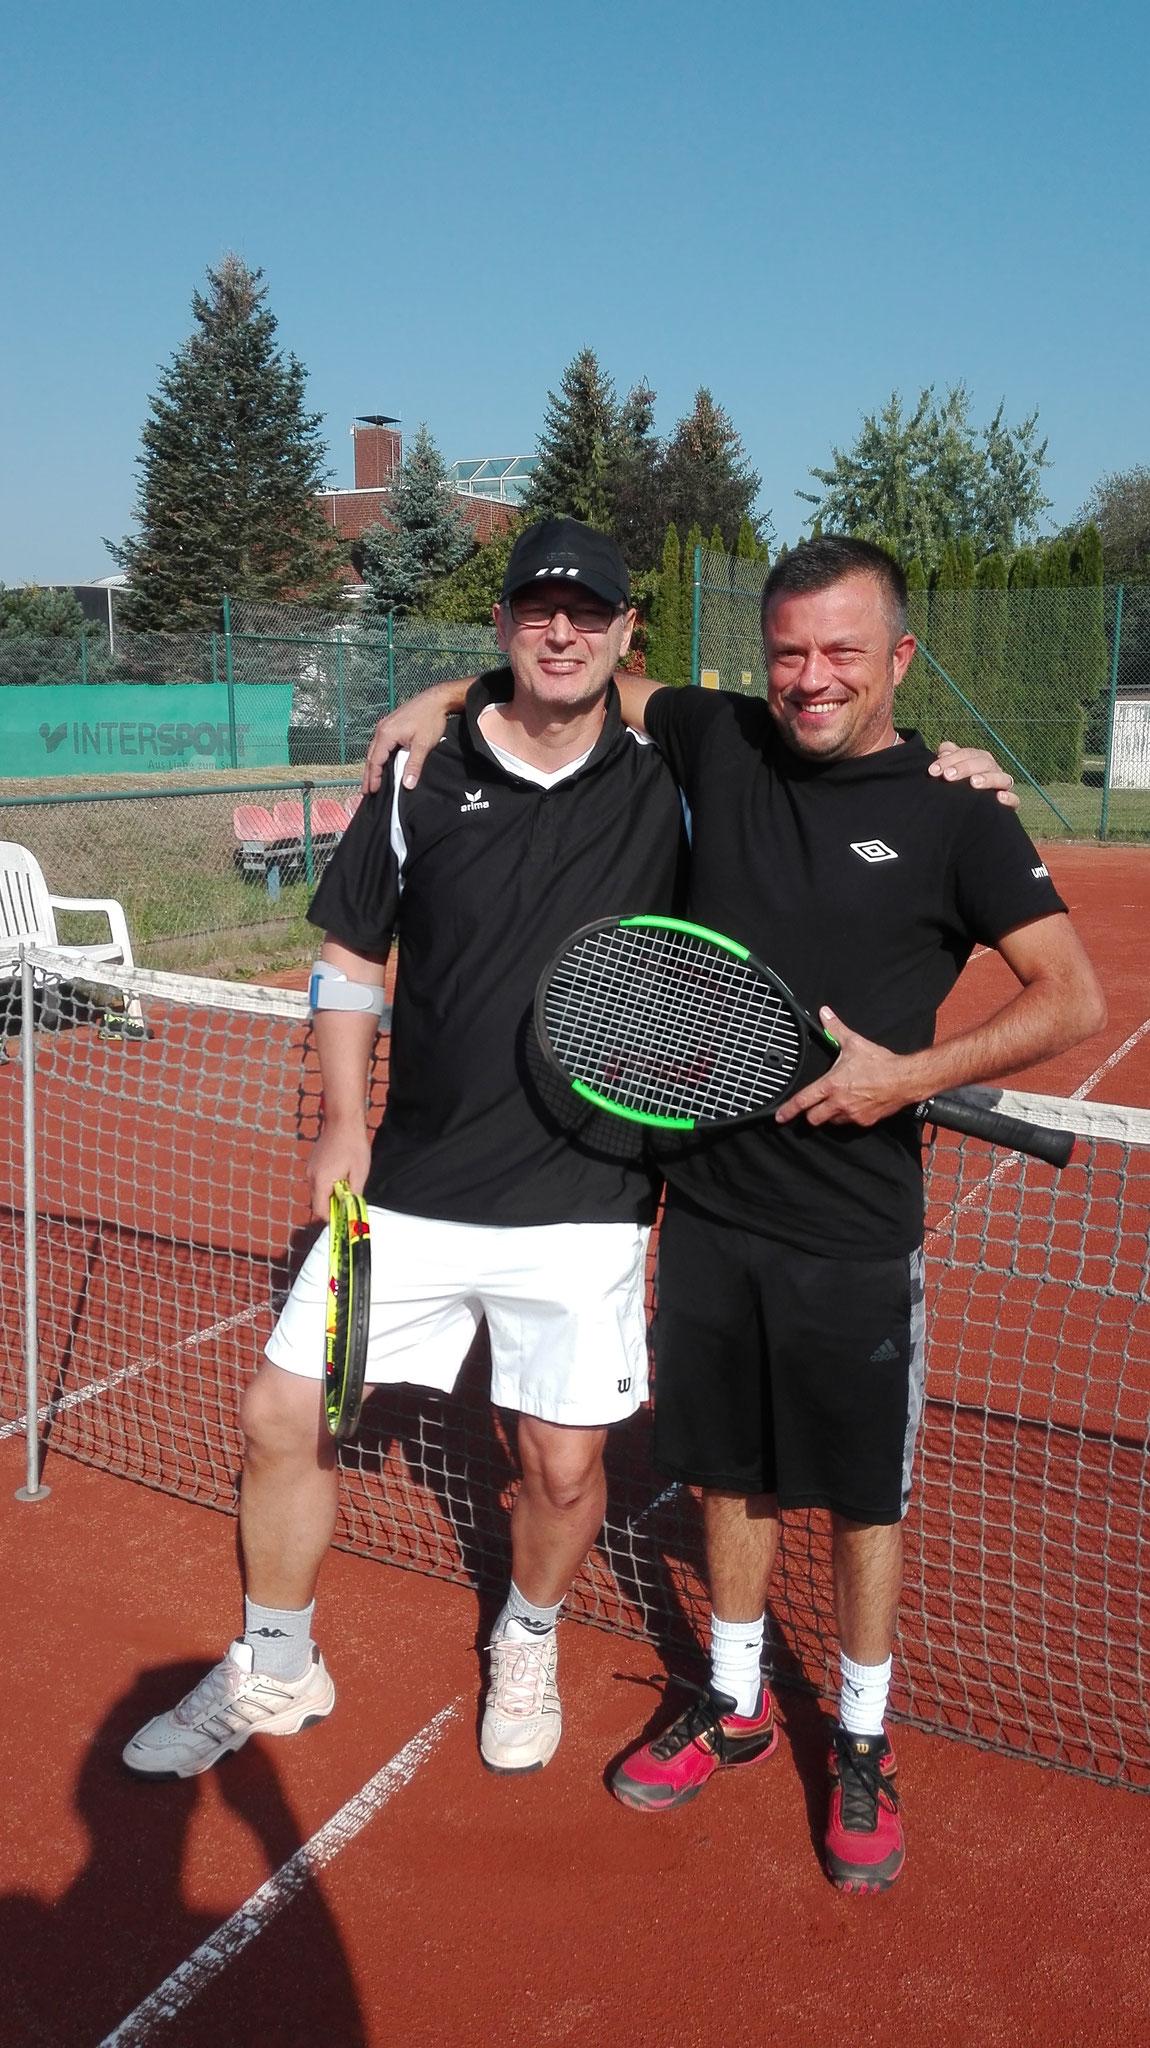 Finalisten bei den Herren 40: Dirk Lühr und Gregor Wacker 0:6 1:6